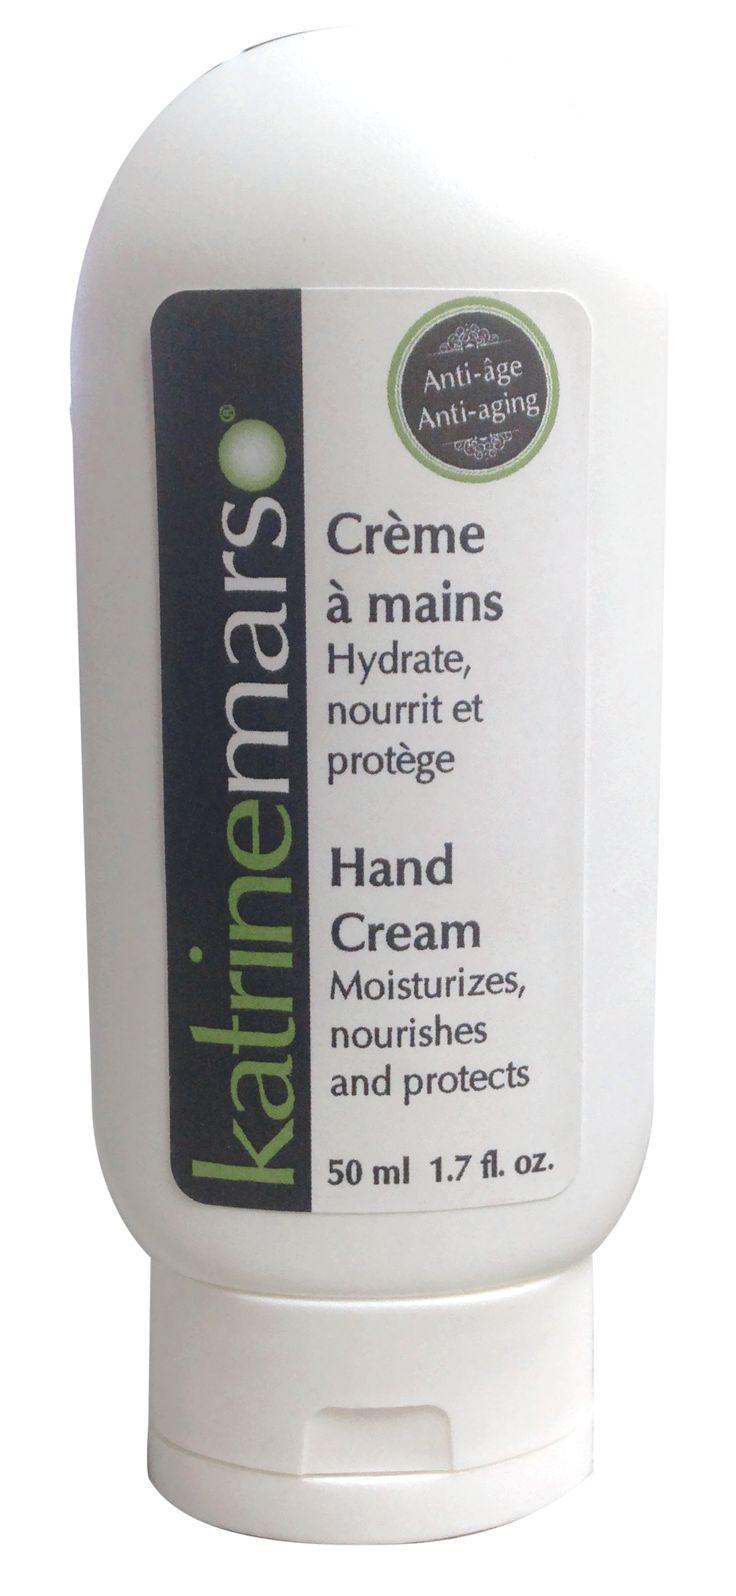 Crème à mains Hand Cream #antiaging #antiage